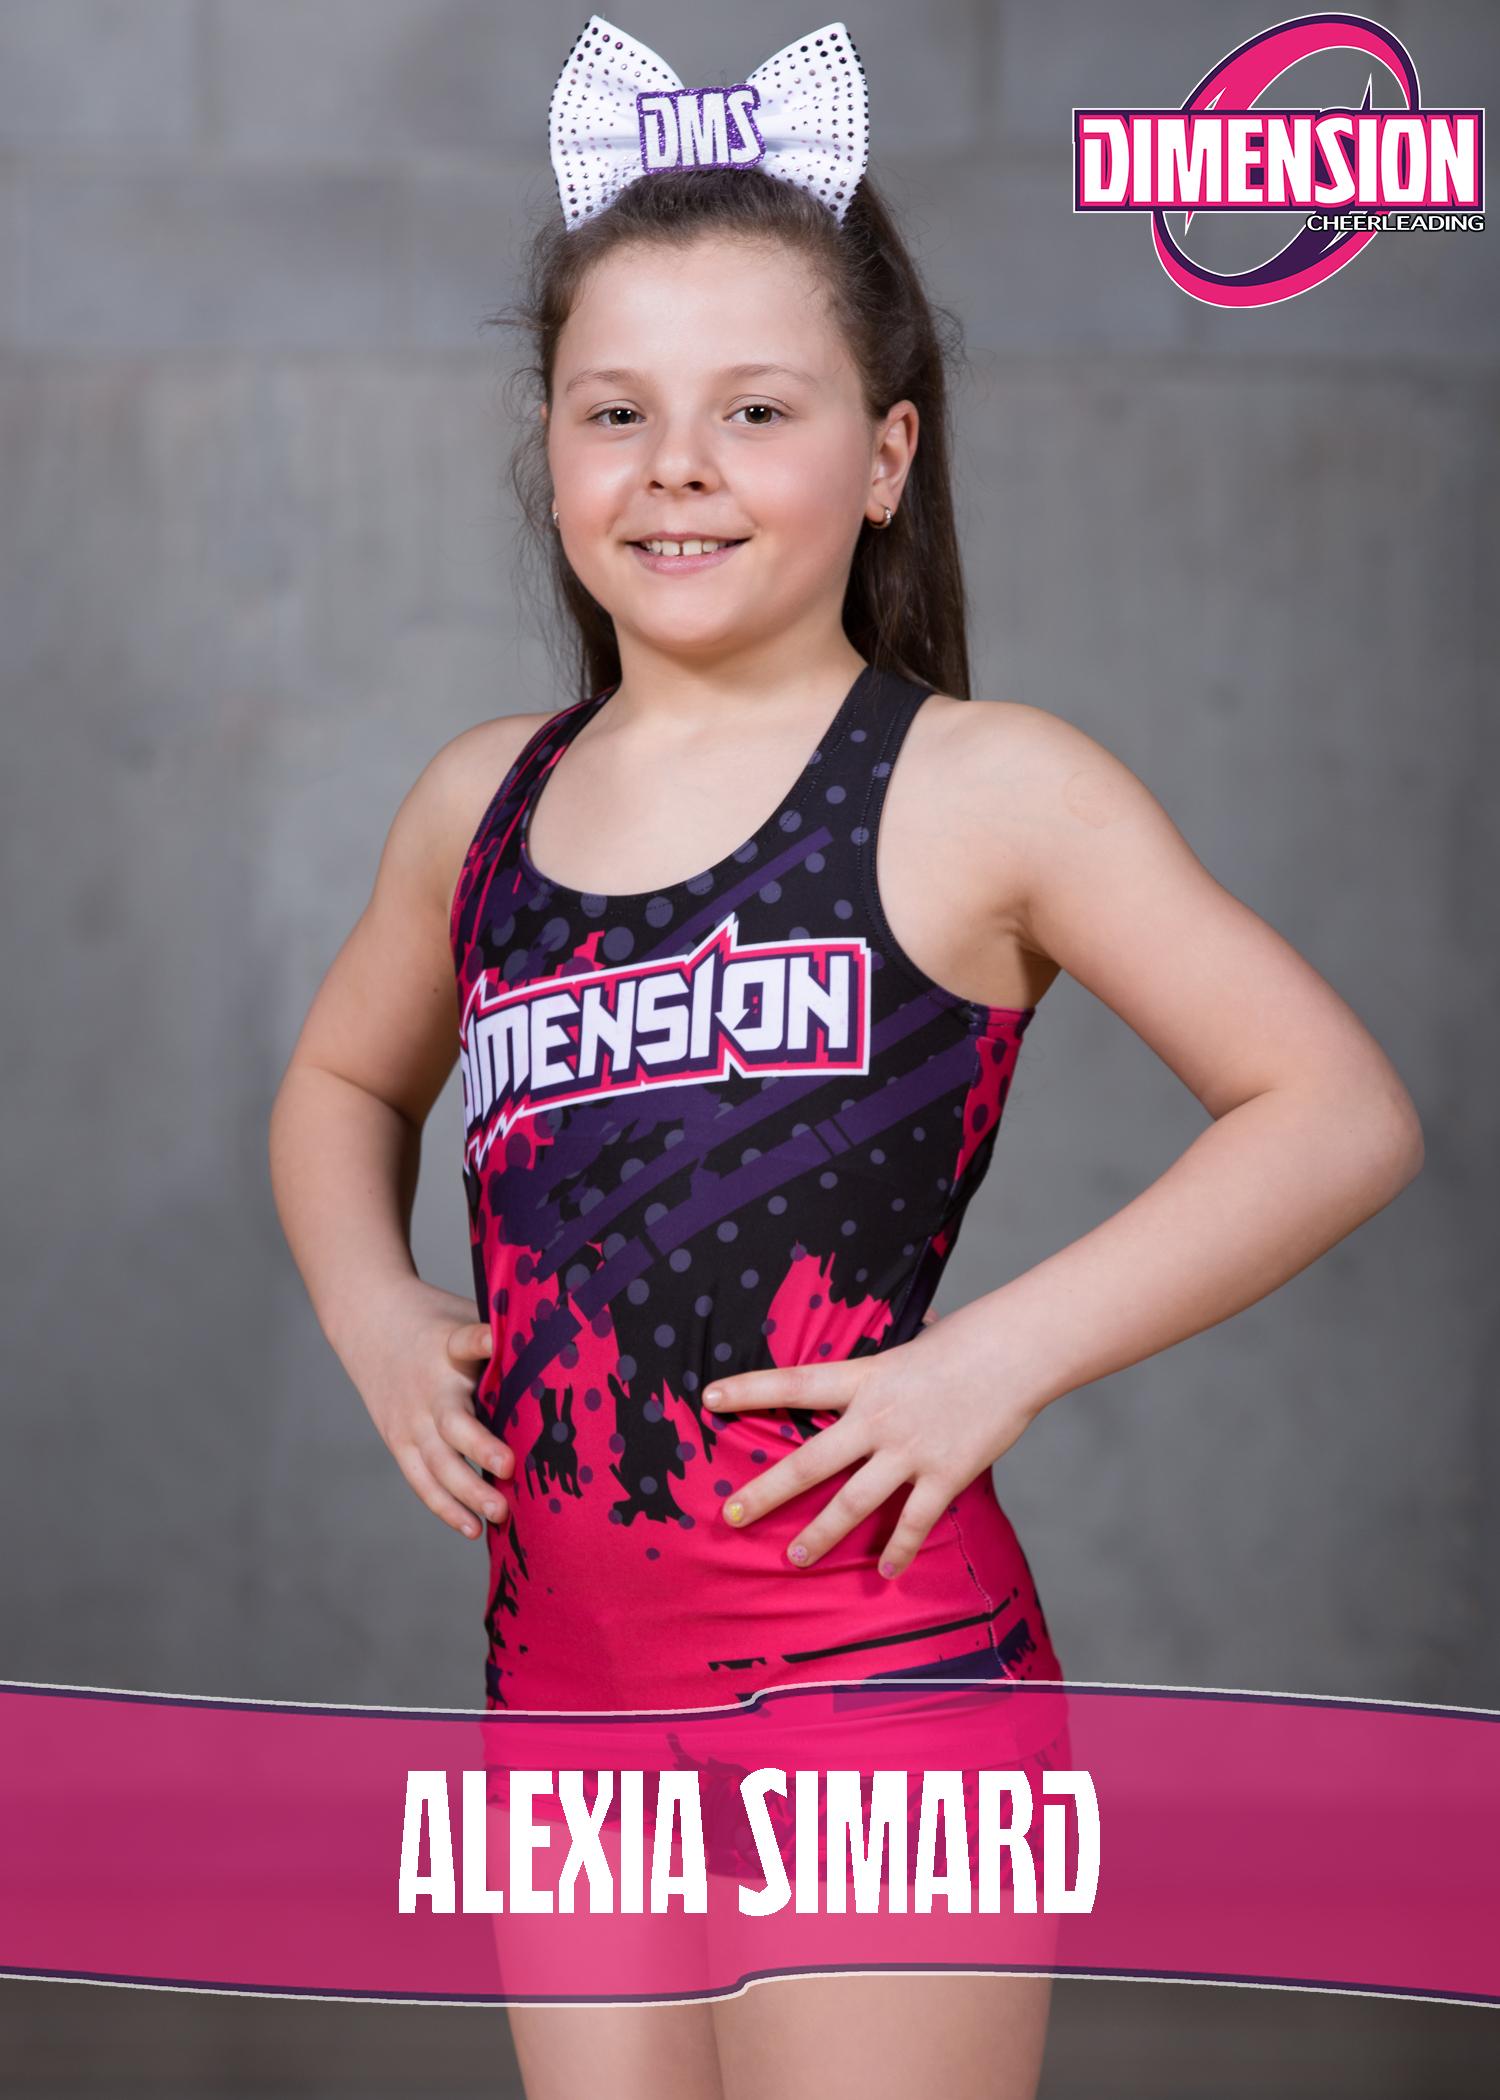 Alexia Simard